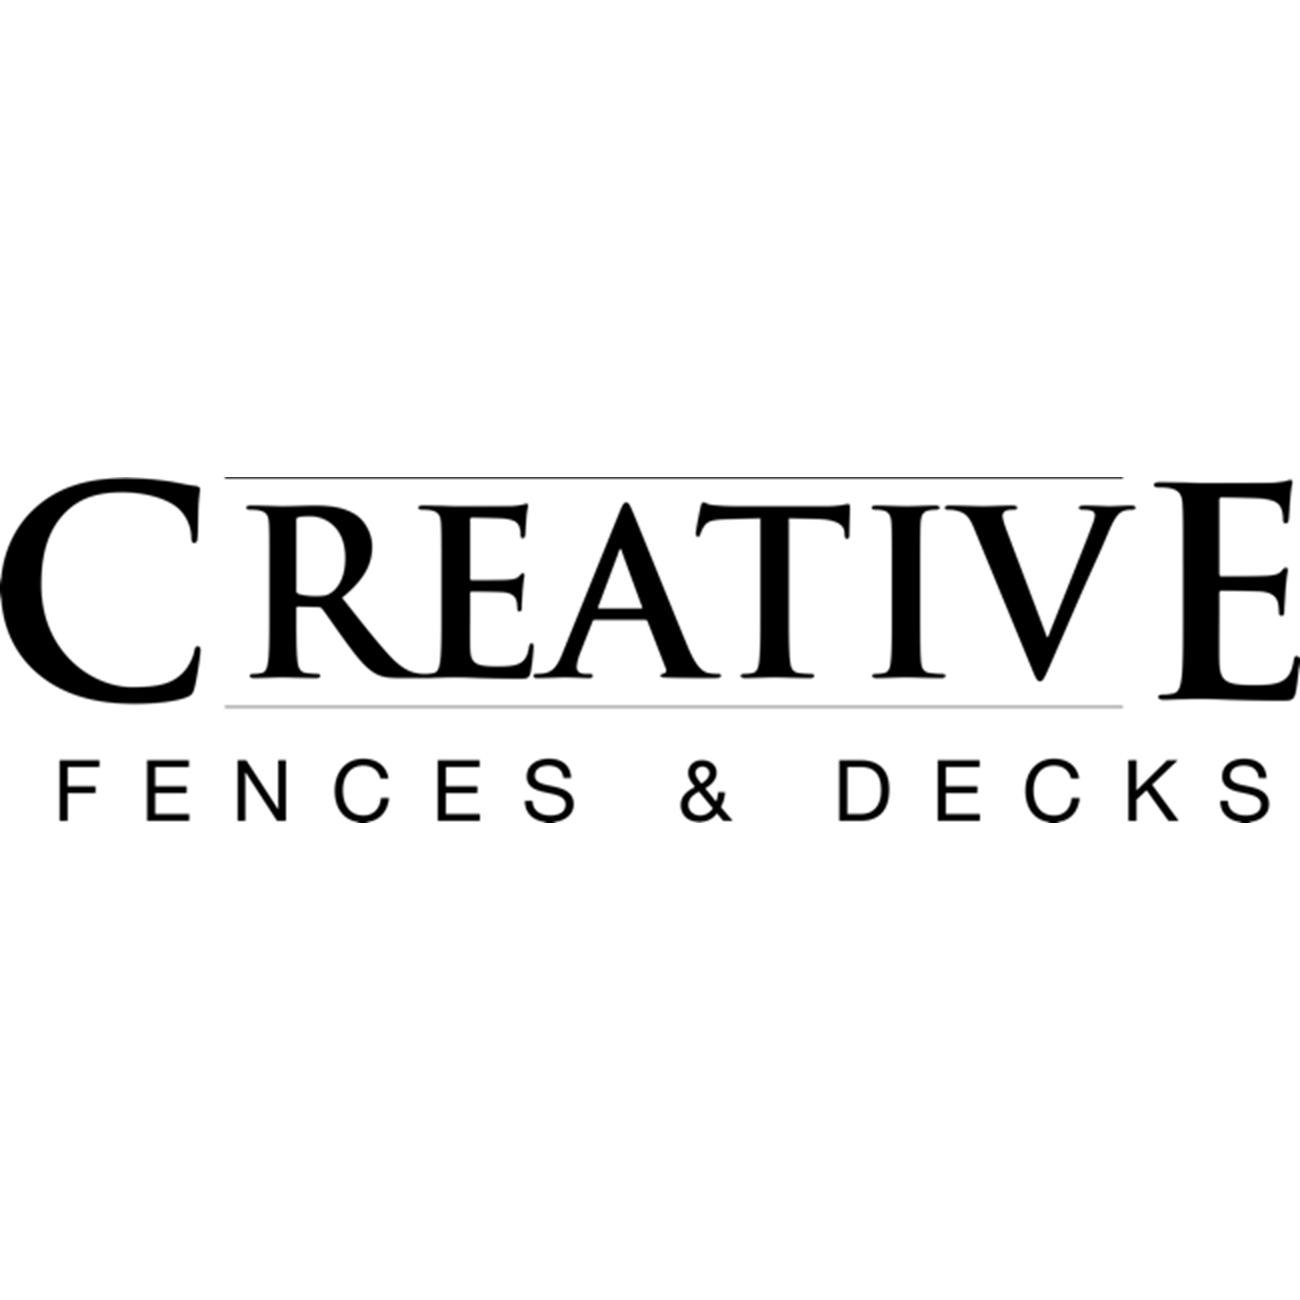 Creative Fences and Decks, Inc